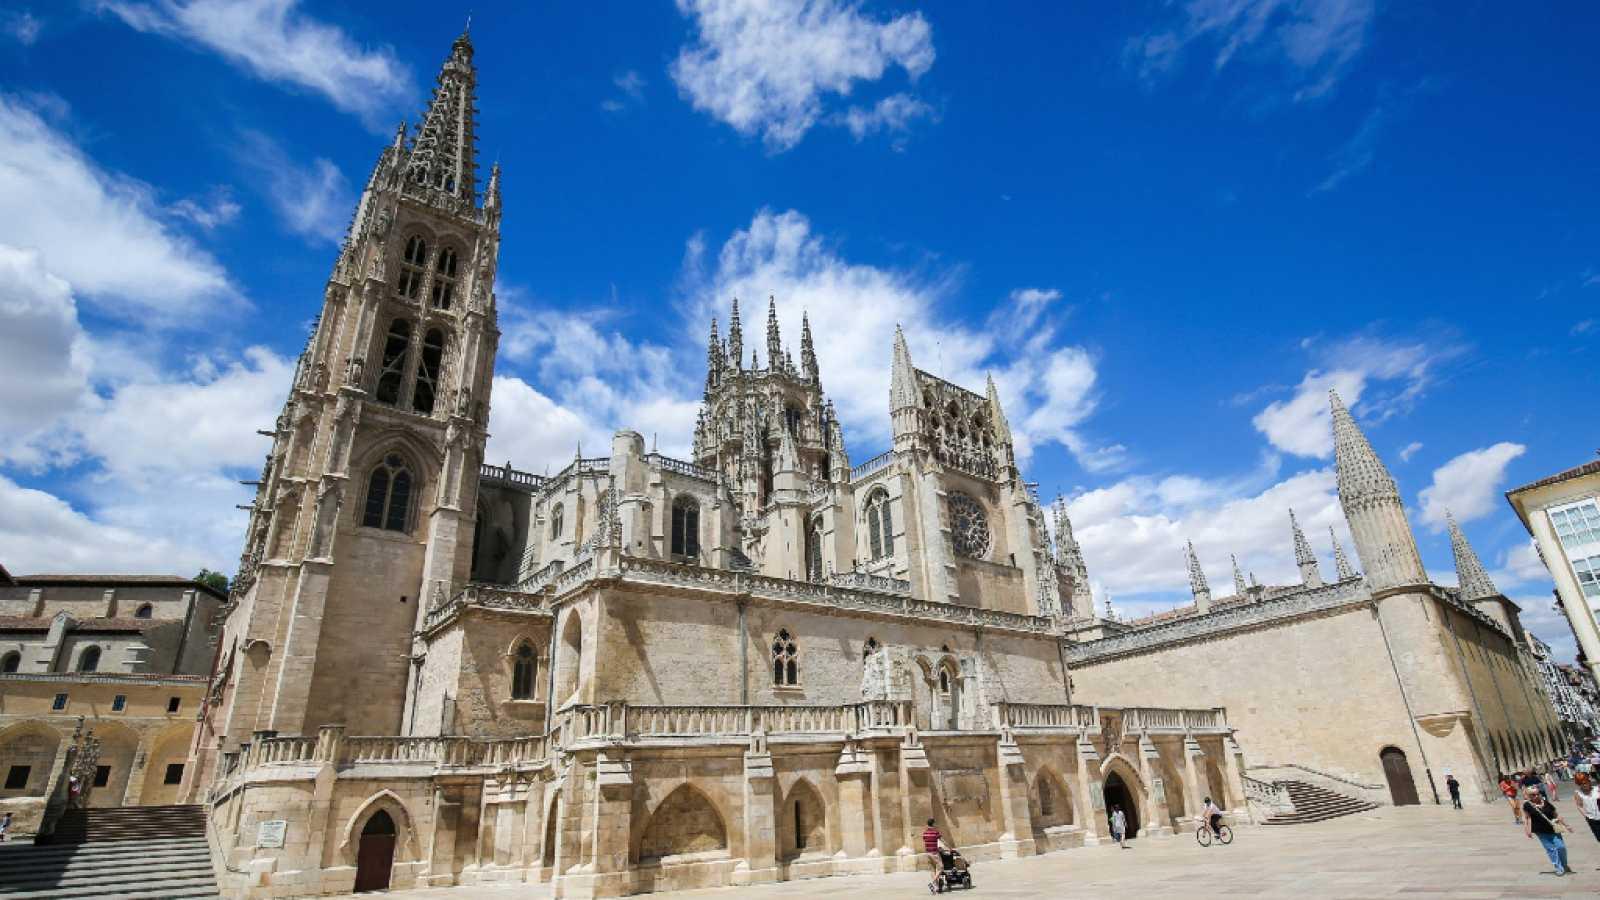 La catedral de Burgos, ocho siglos de travesía - Escuchar ahora